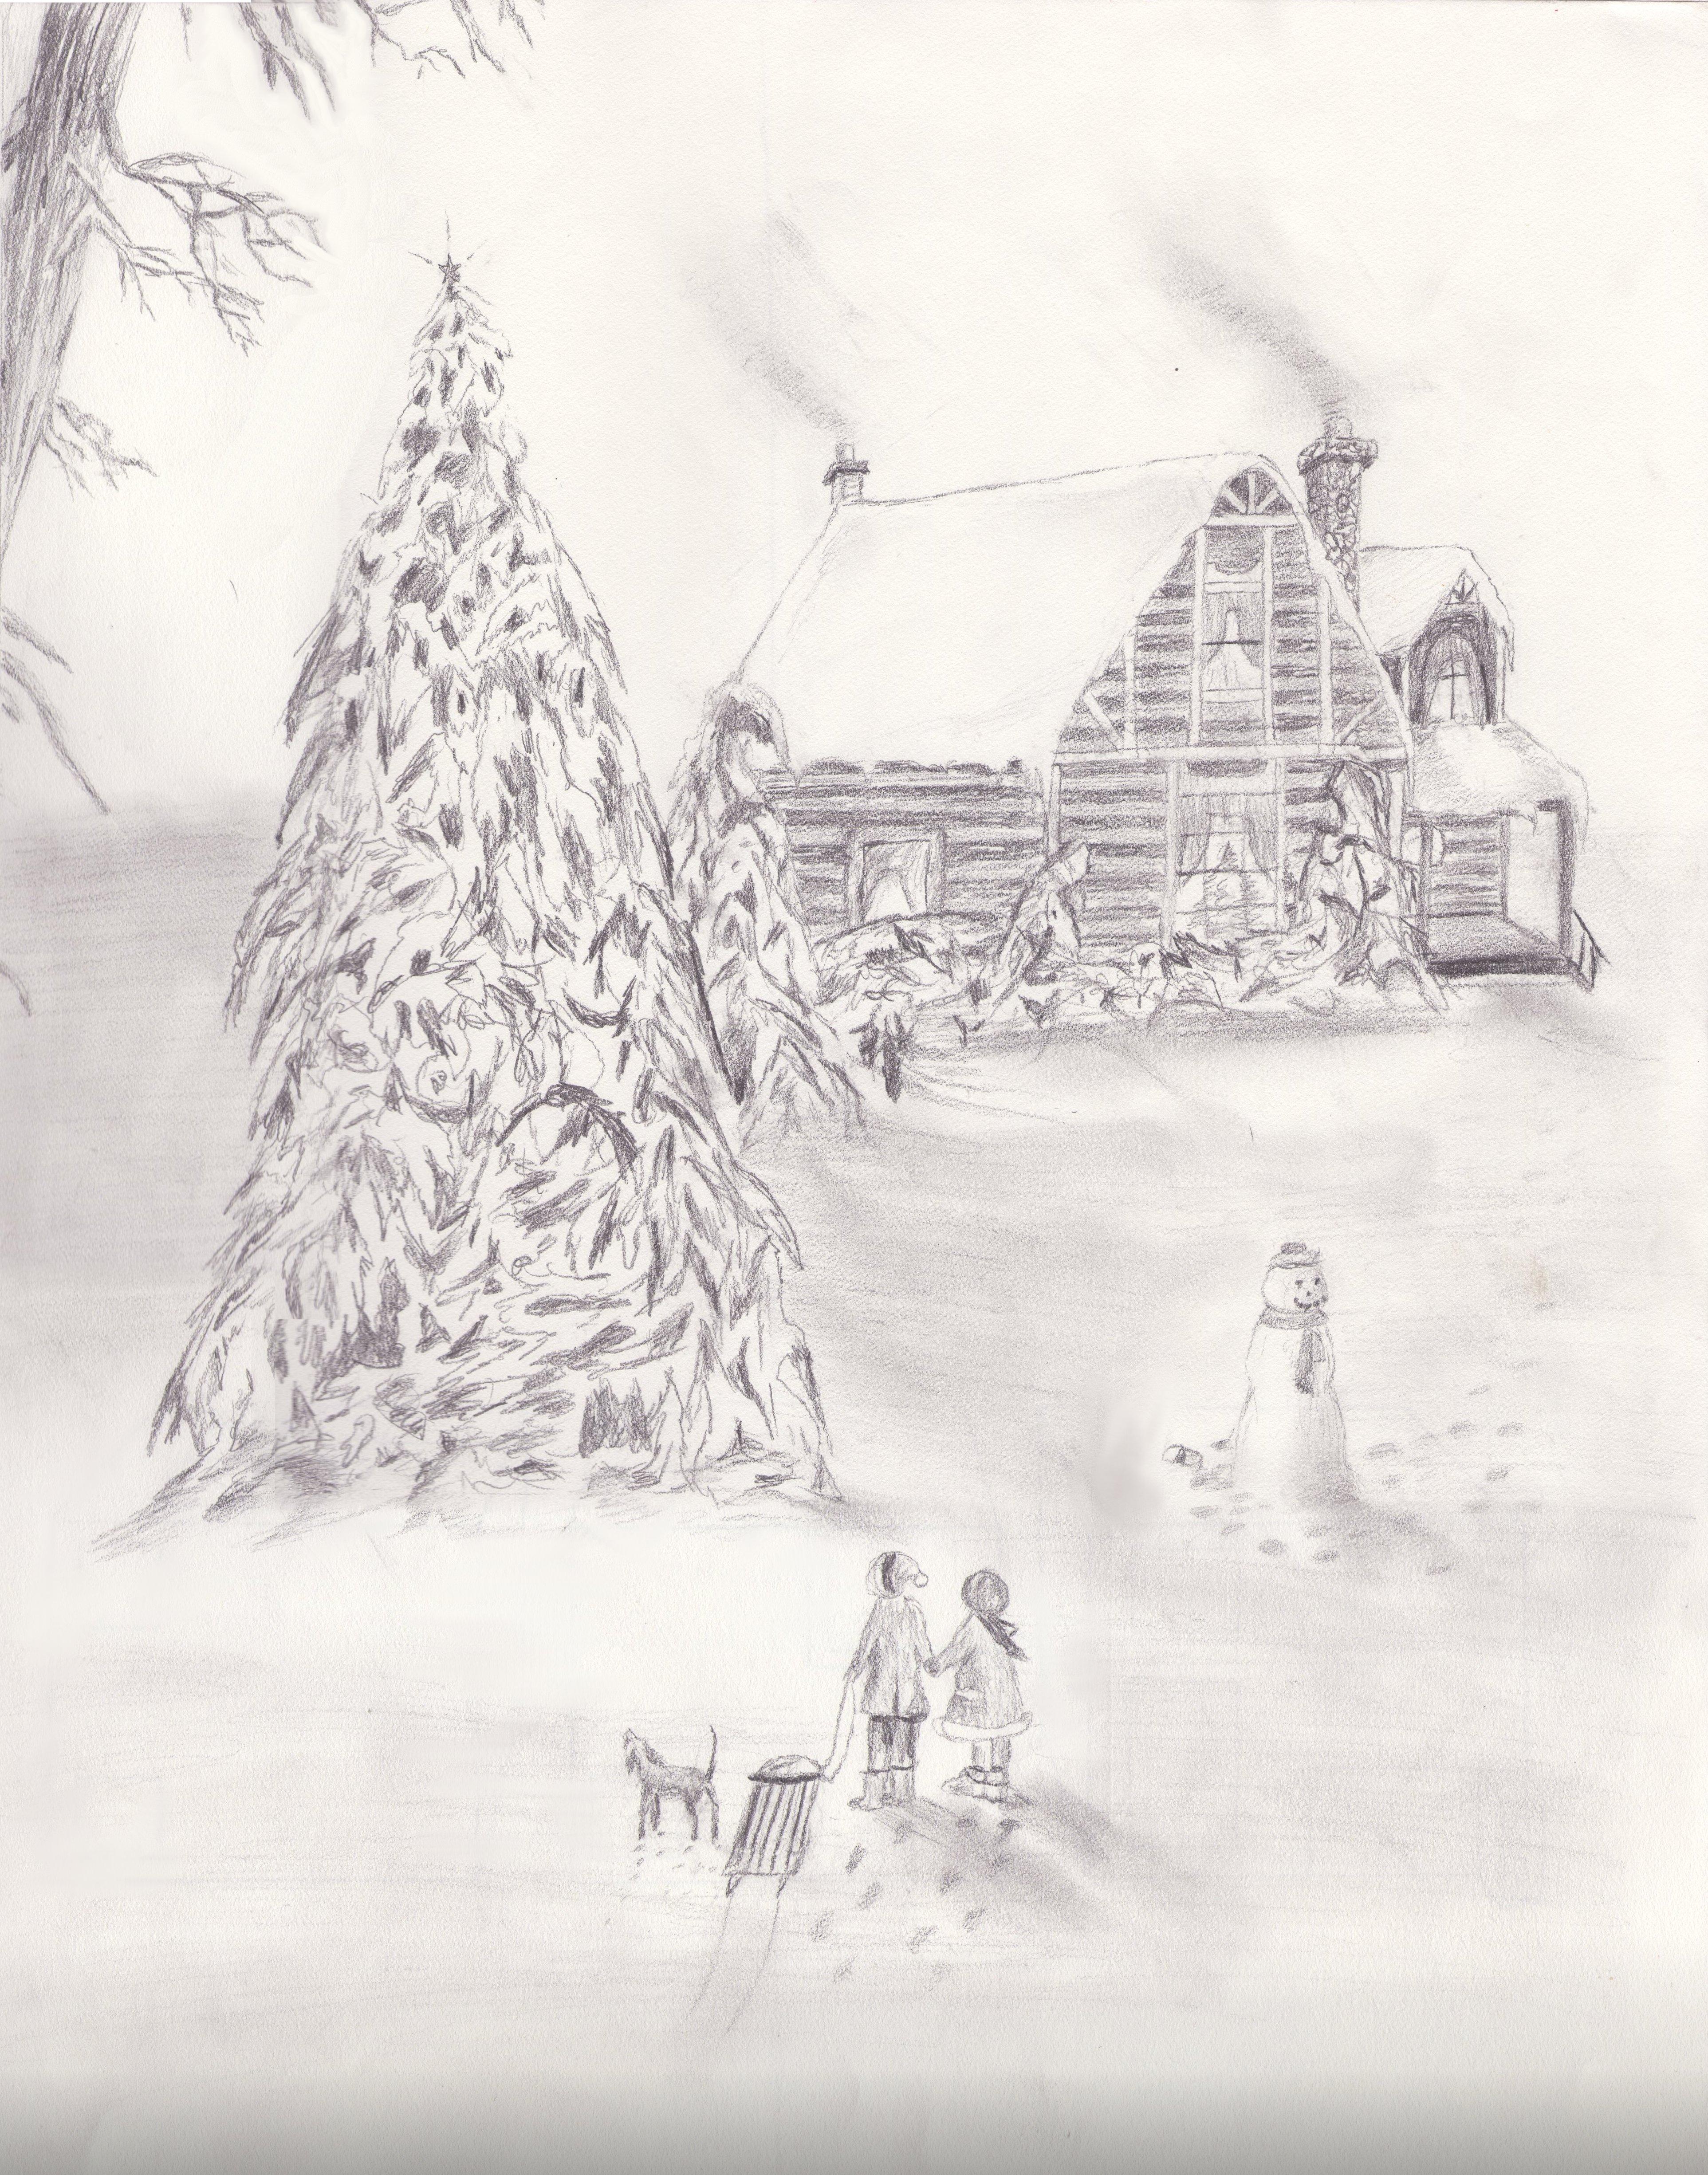 Christmas Scene by Fireater989 on deviantART